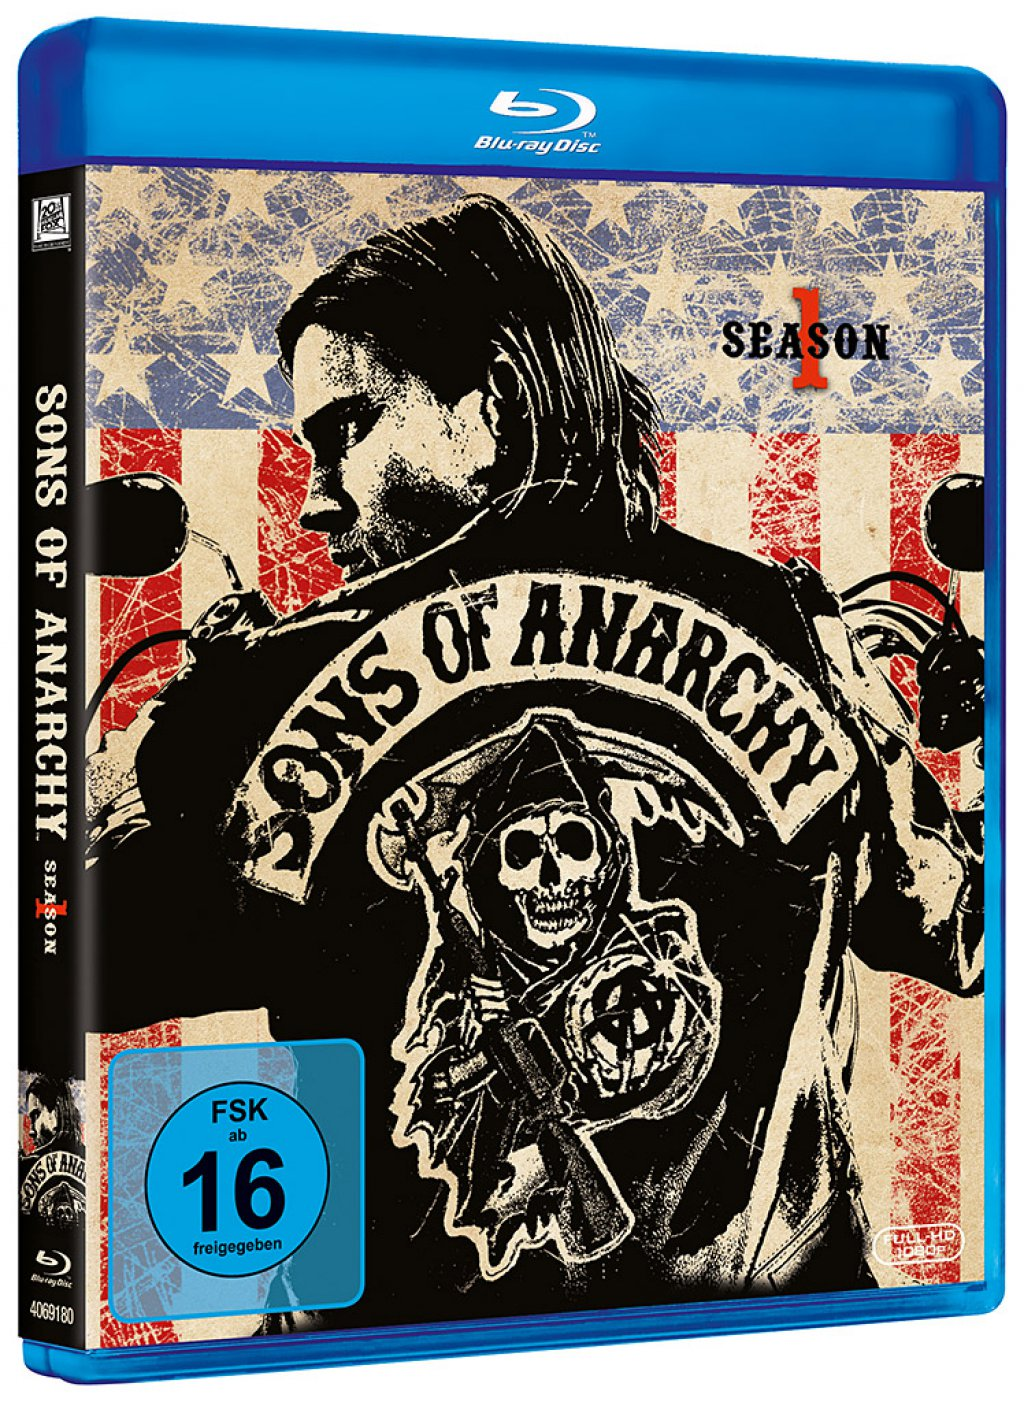 Sons Of Anarchy Staffel 3 Folge 1